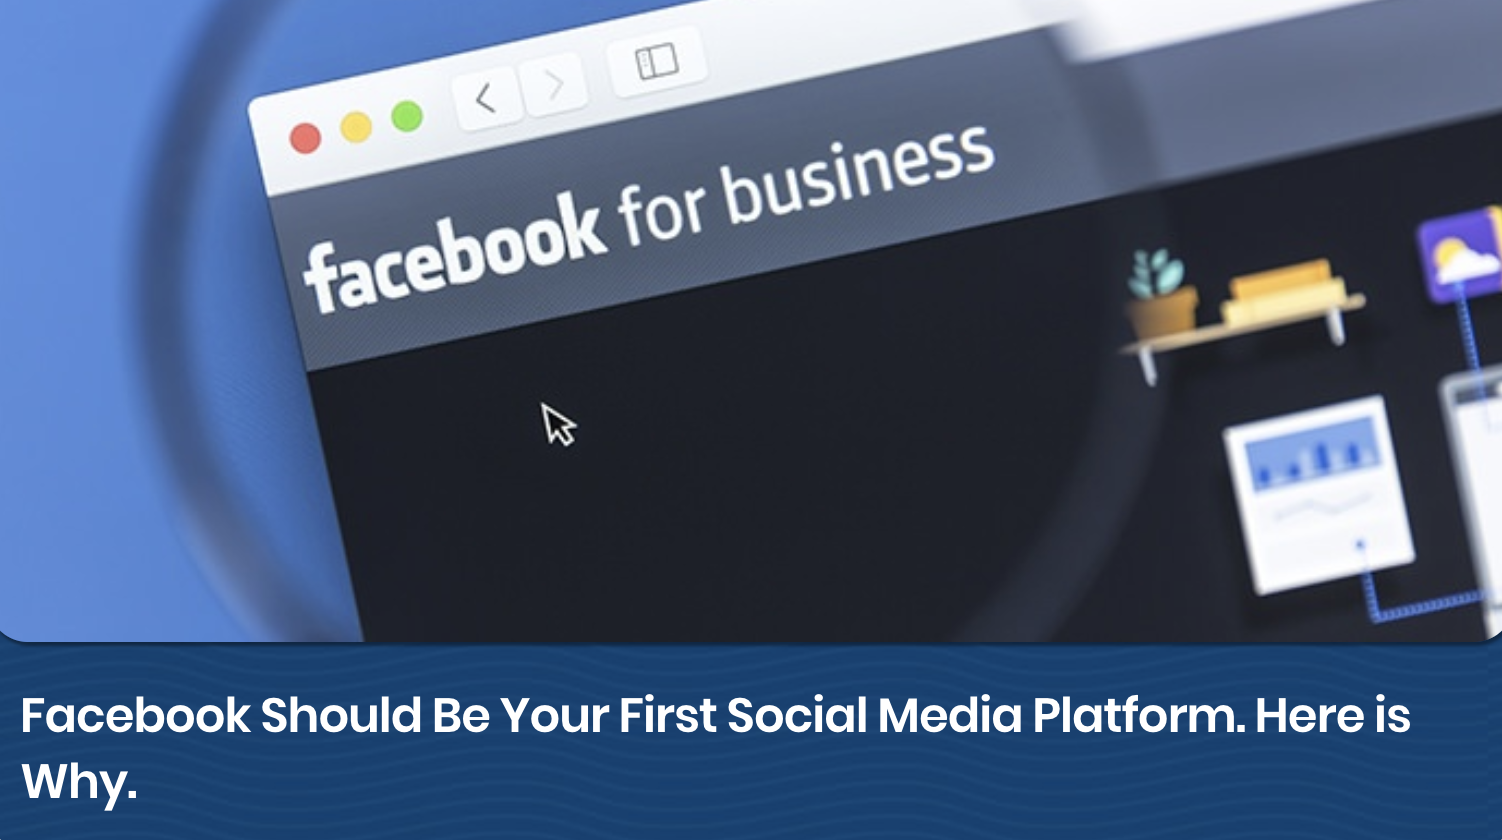 Social_Media_Facebook_First_Social_Platform